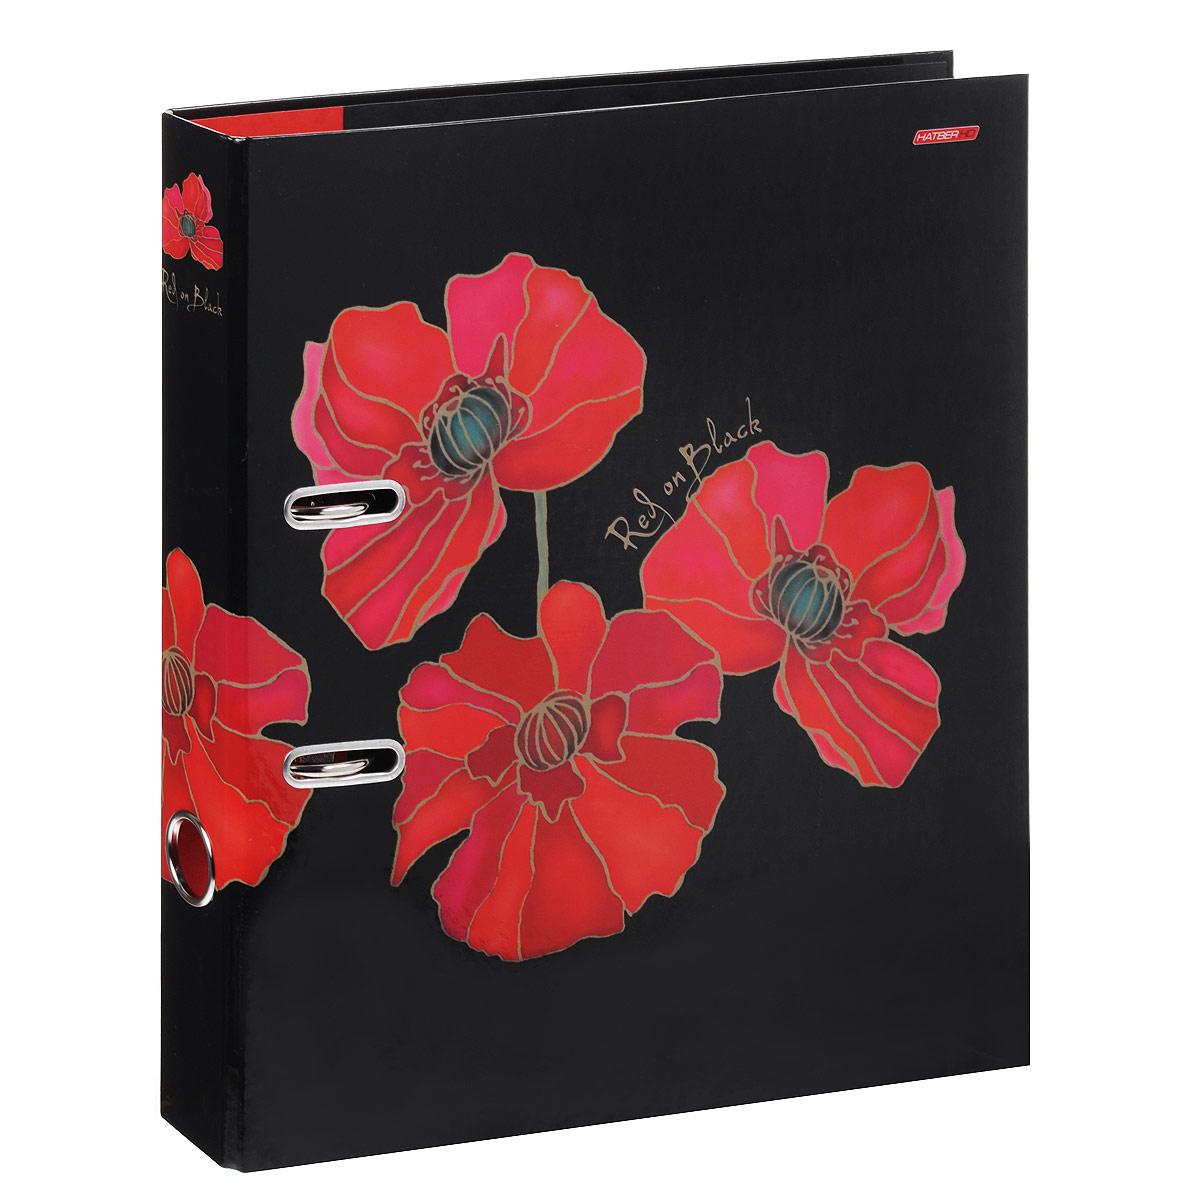 Папка-регистратор Hatber Red on Black, ширина корешка 50 мм, цвет: черный, красный папка регистратор hatber red on black ширина корешка 70 мм цвет черный красный